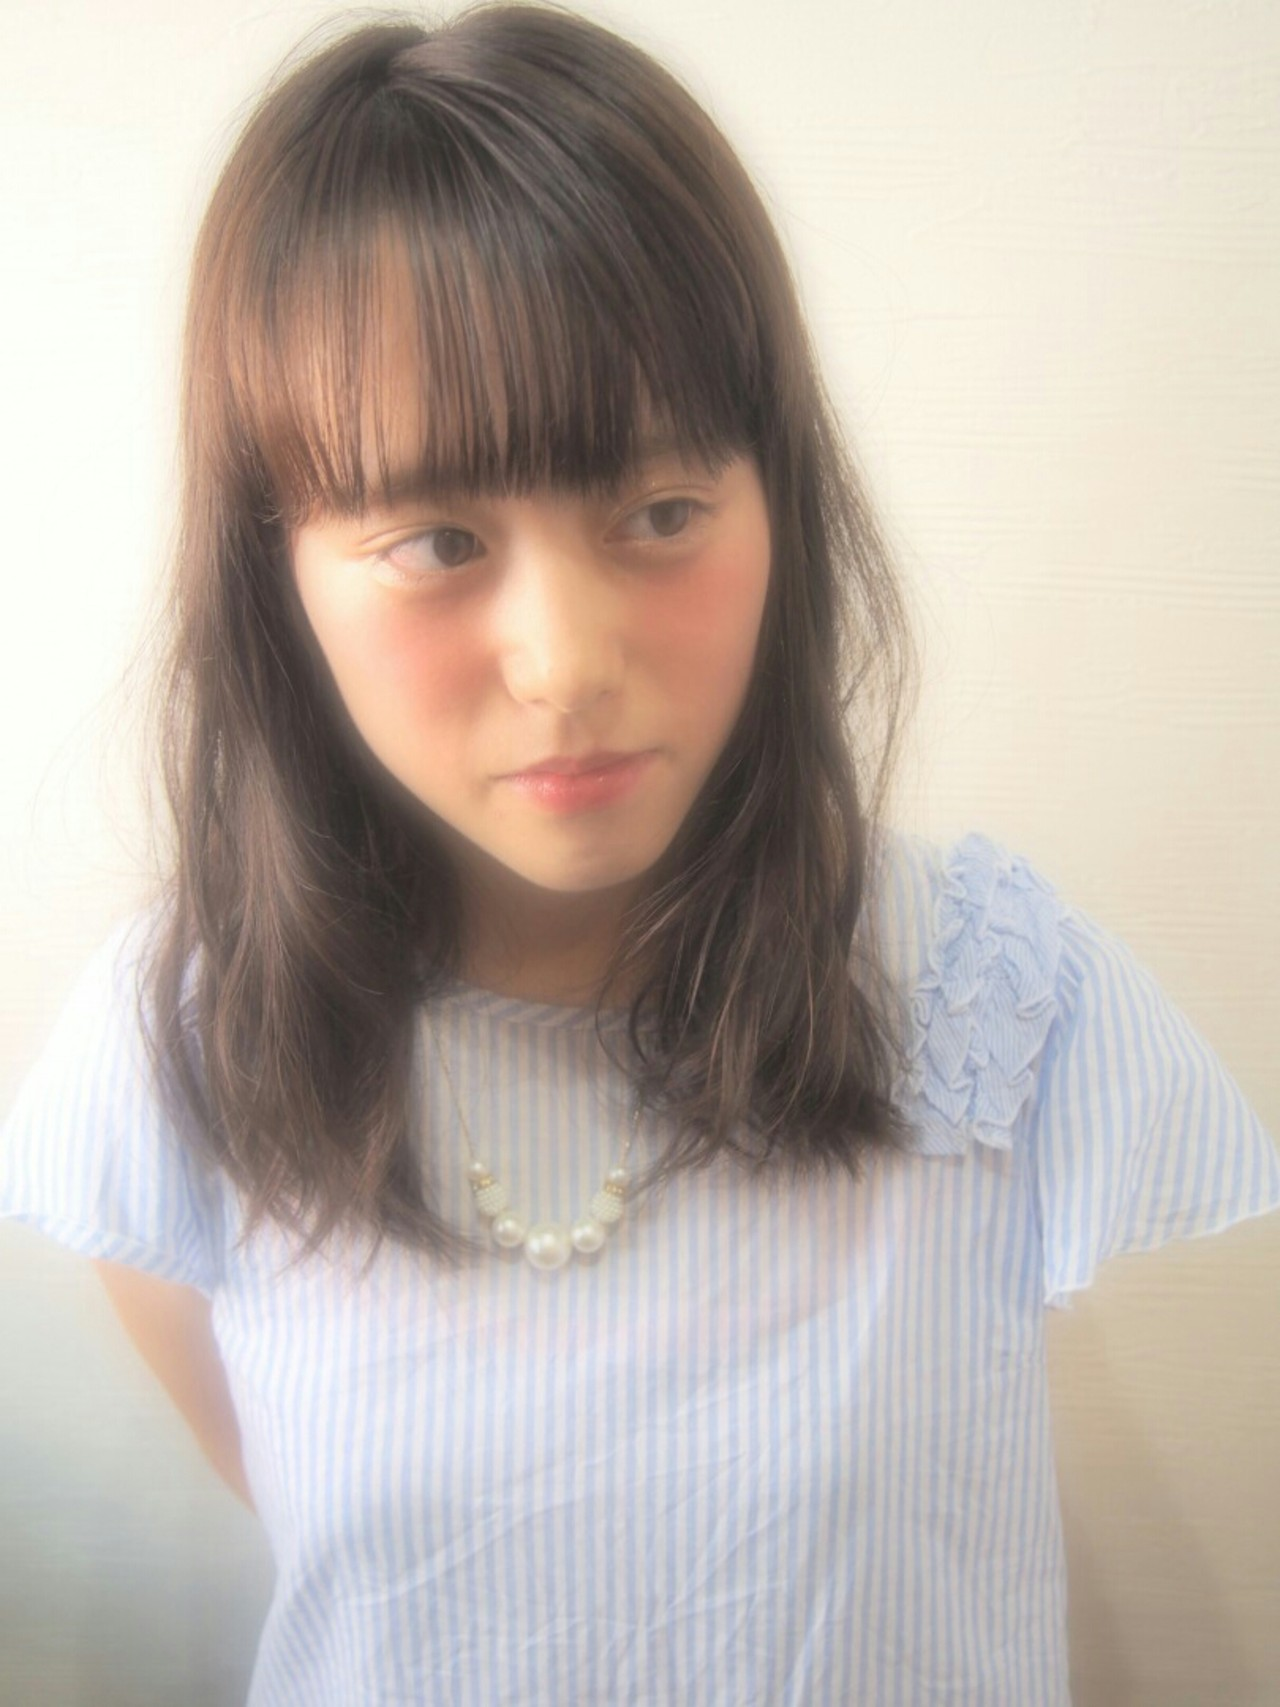 ロブ アッシュ ミディアム シースルーバングヘアスタイルや髪型の写真・画像